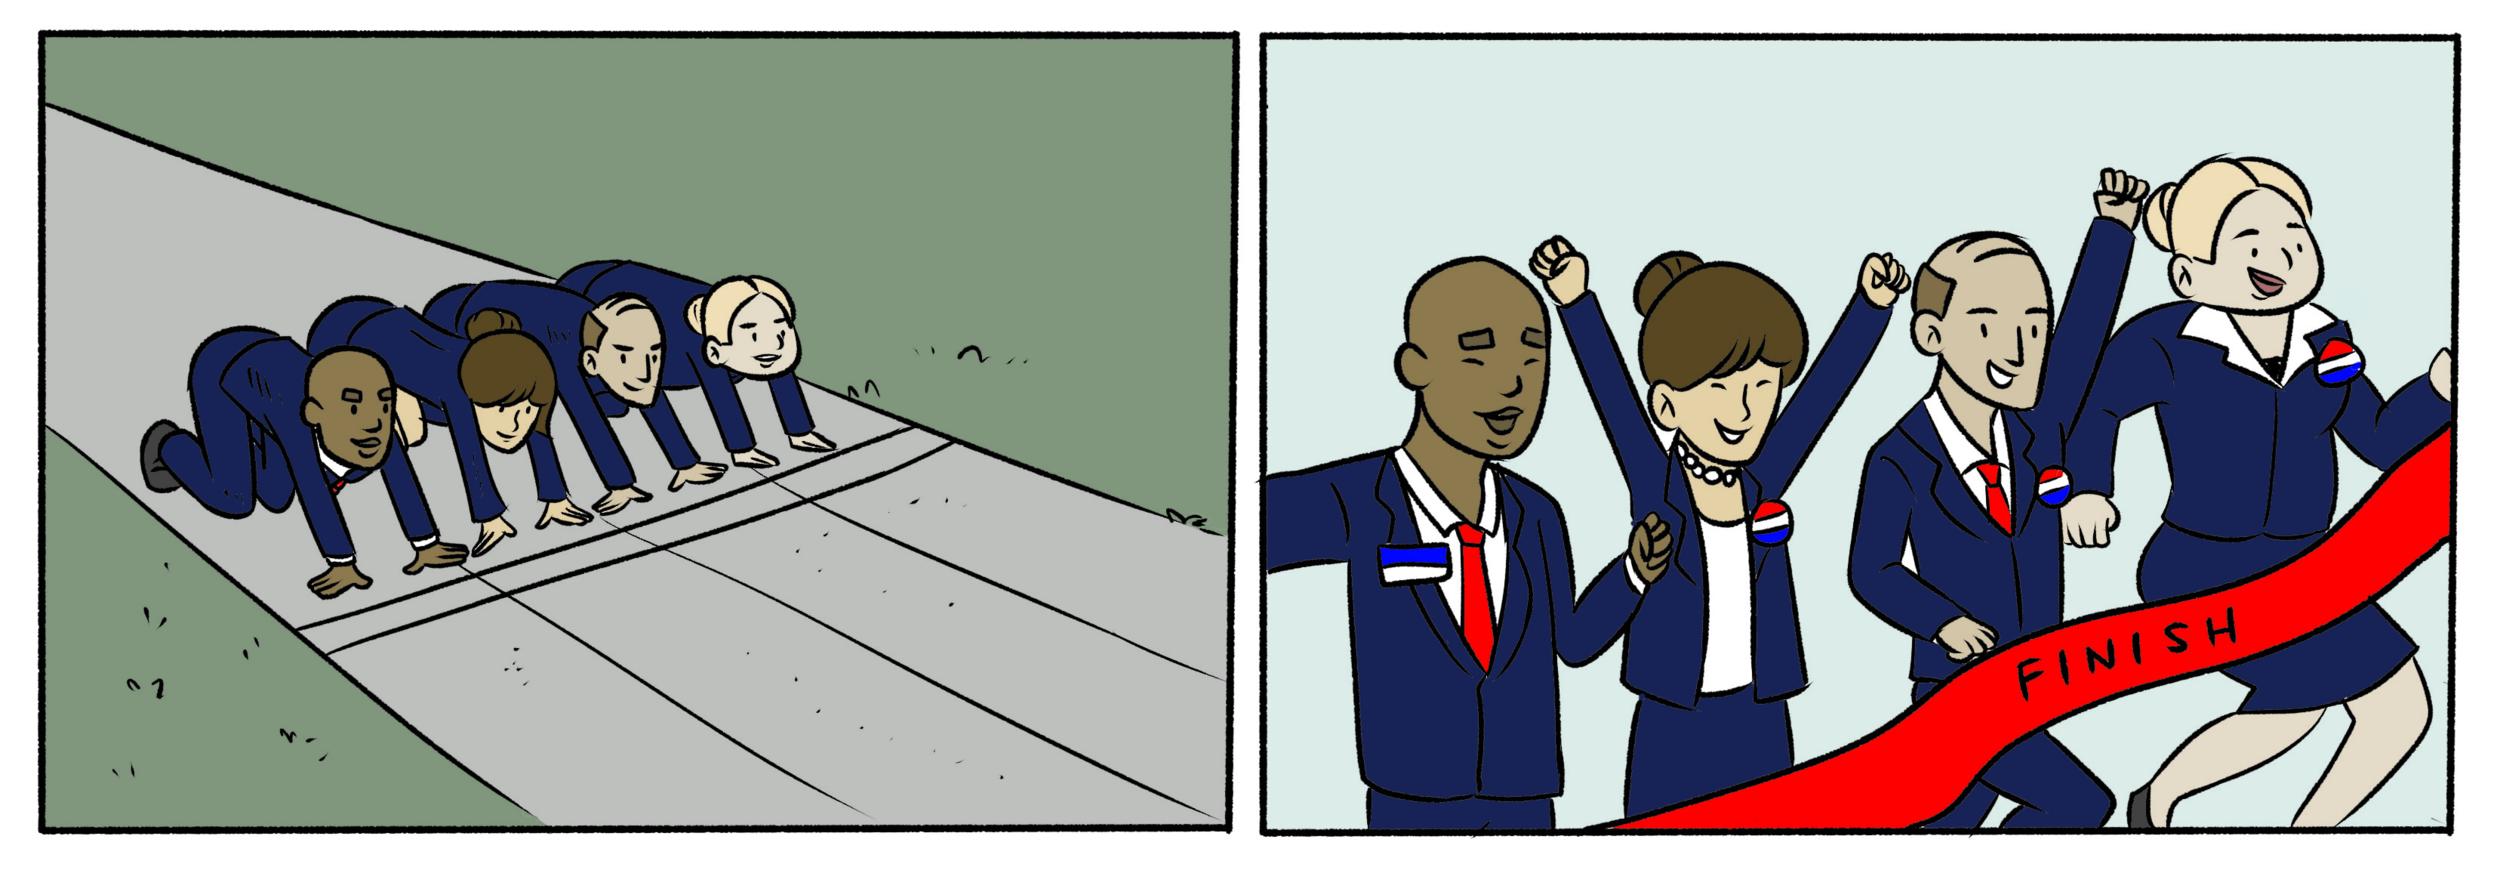 Politicians Race.png